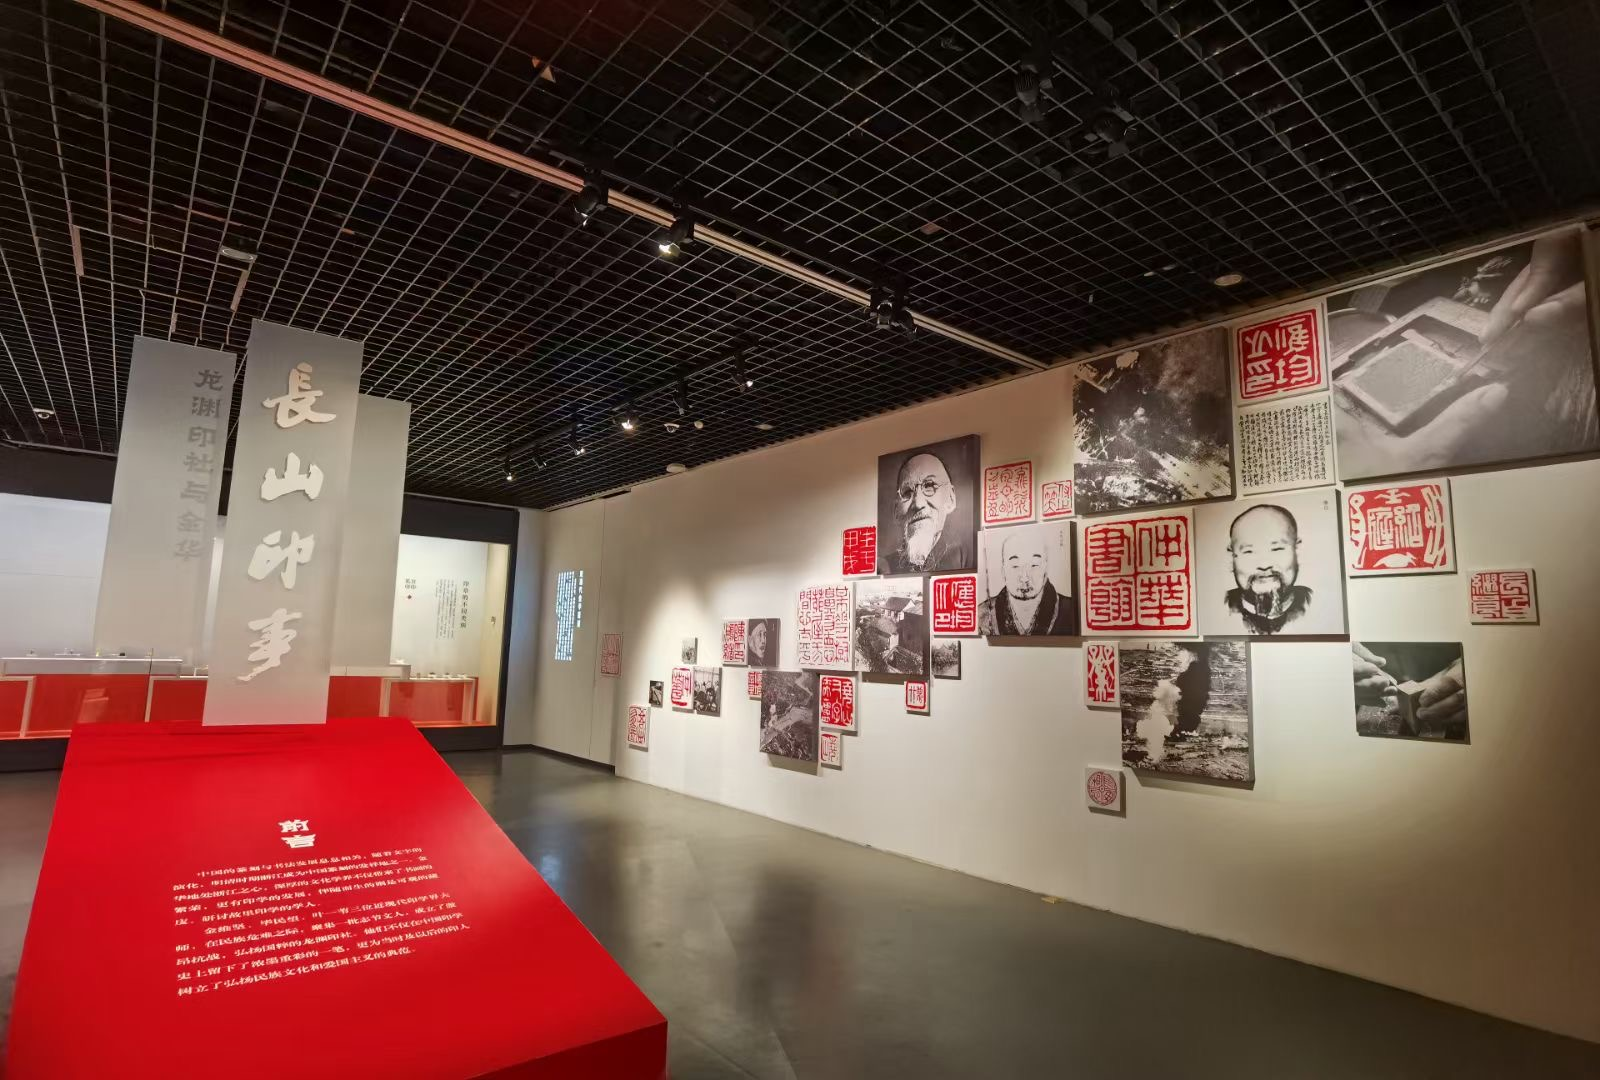 金華市博物館-婺城区-金華市-浙江省-写真提供:淘芸数據-楊溢